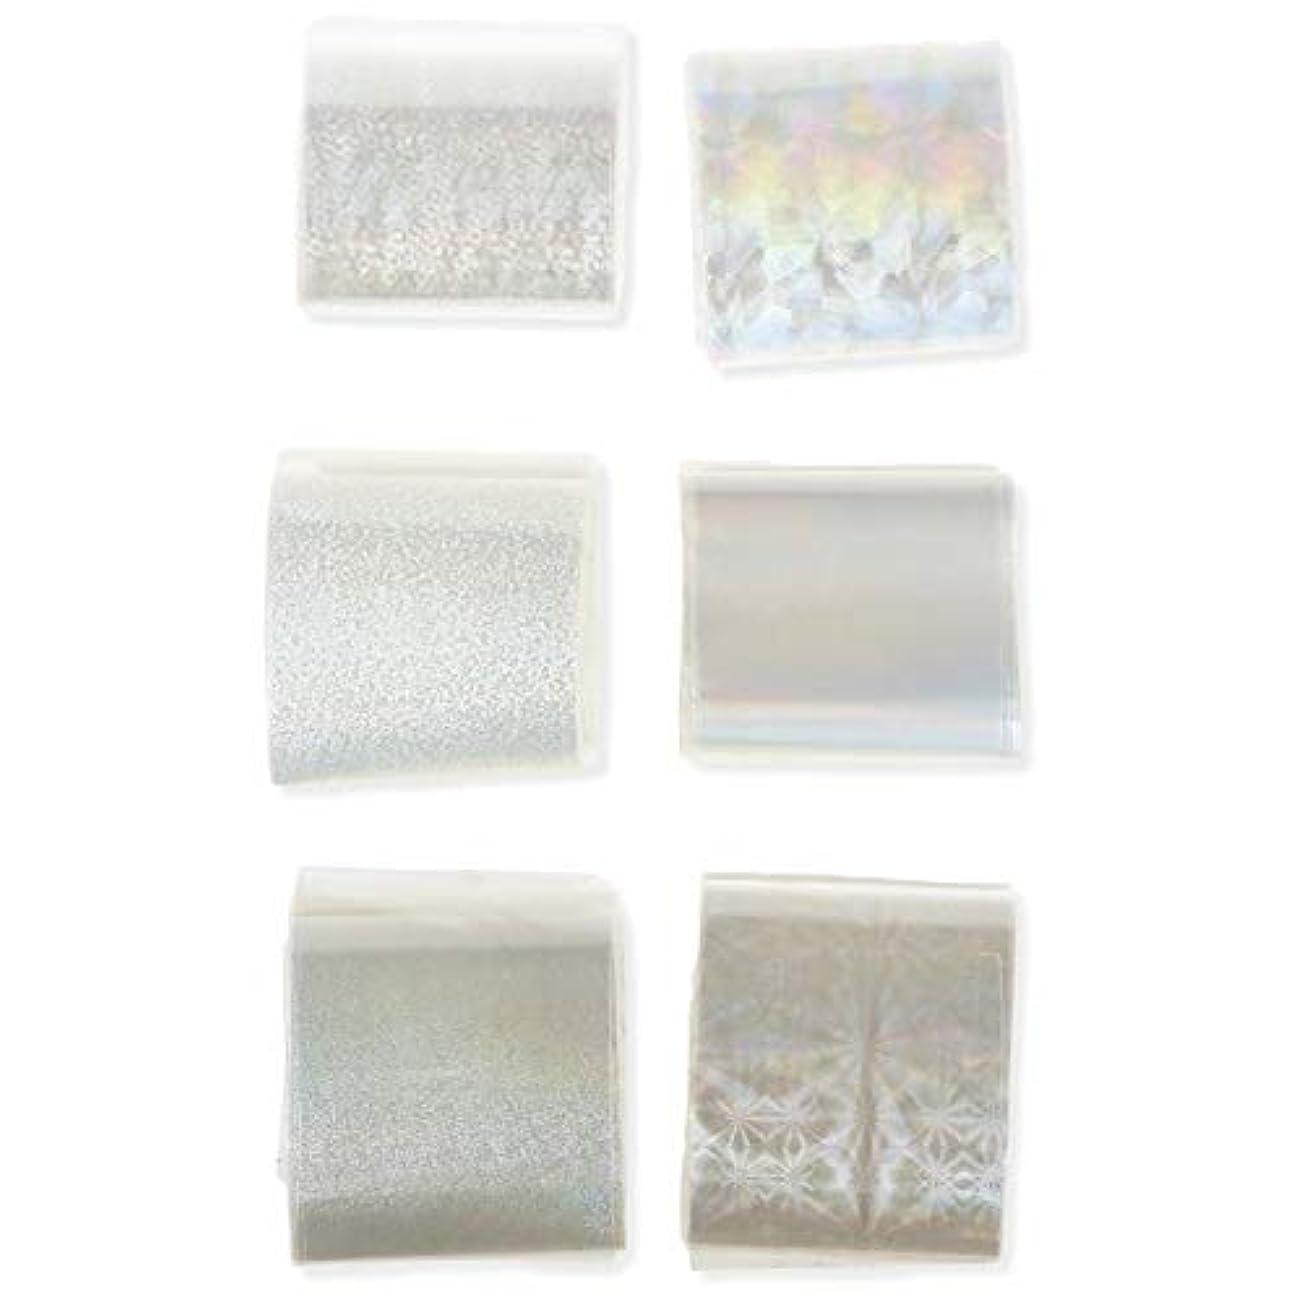 警戒識別する助言する6本 ネイルステッカー 透明 ネイル箔 キラキラ アート転写 ステッカーペーパー ネイル ヒントデコ レーション アクセサリー